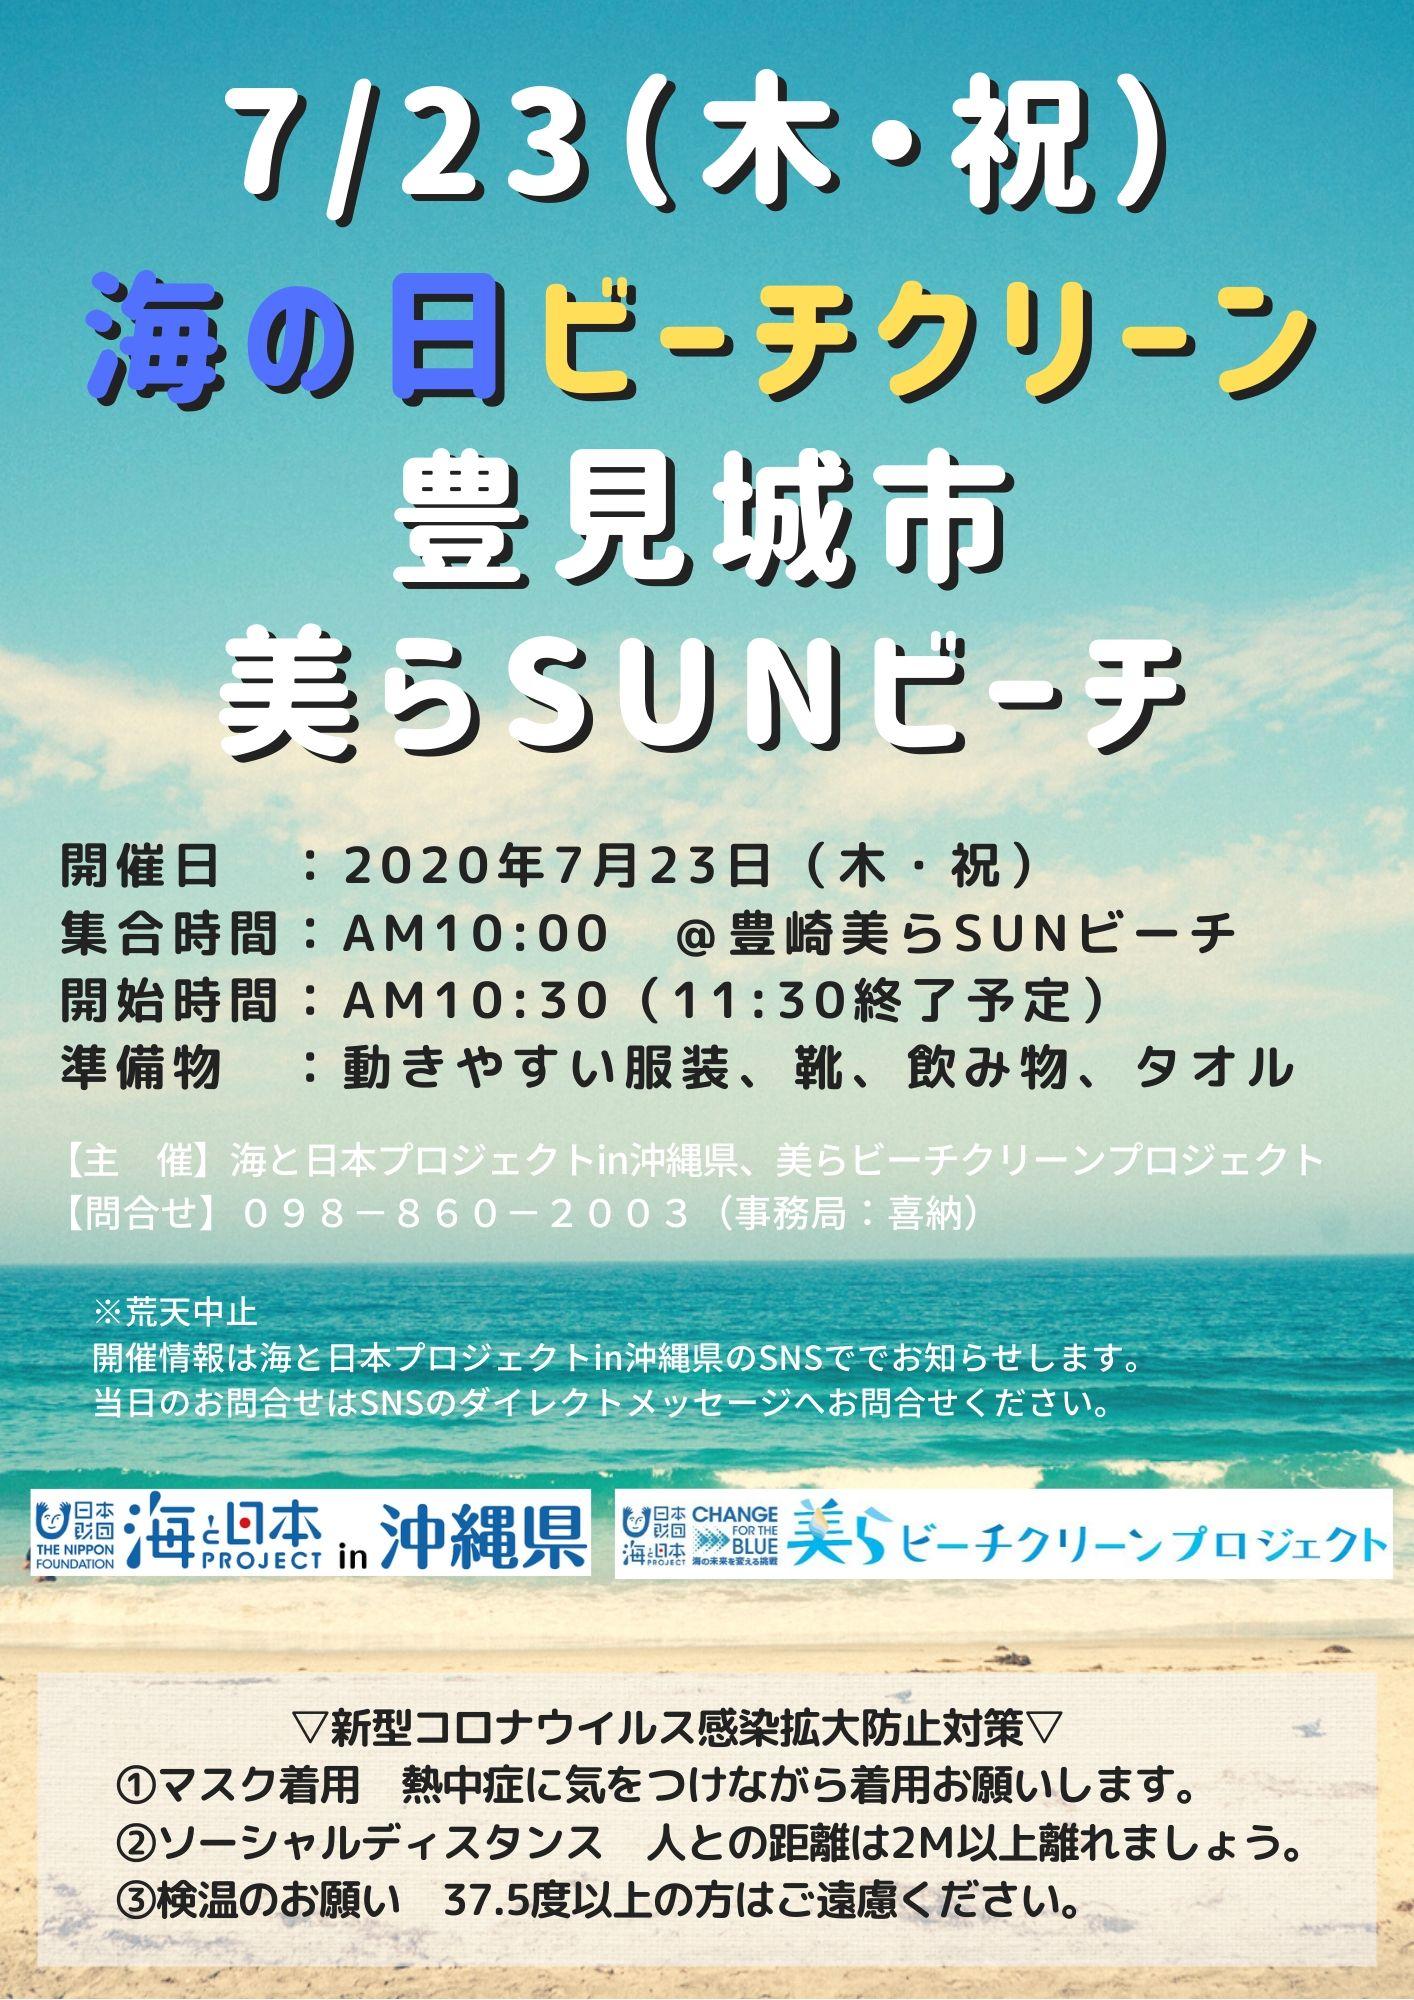 美らビーチクリーン大作戦2007豊崎